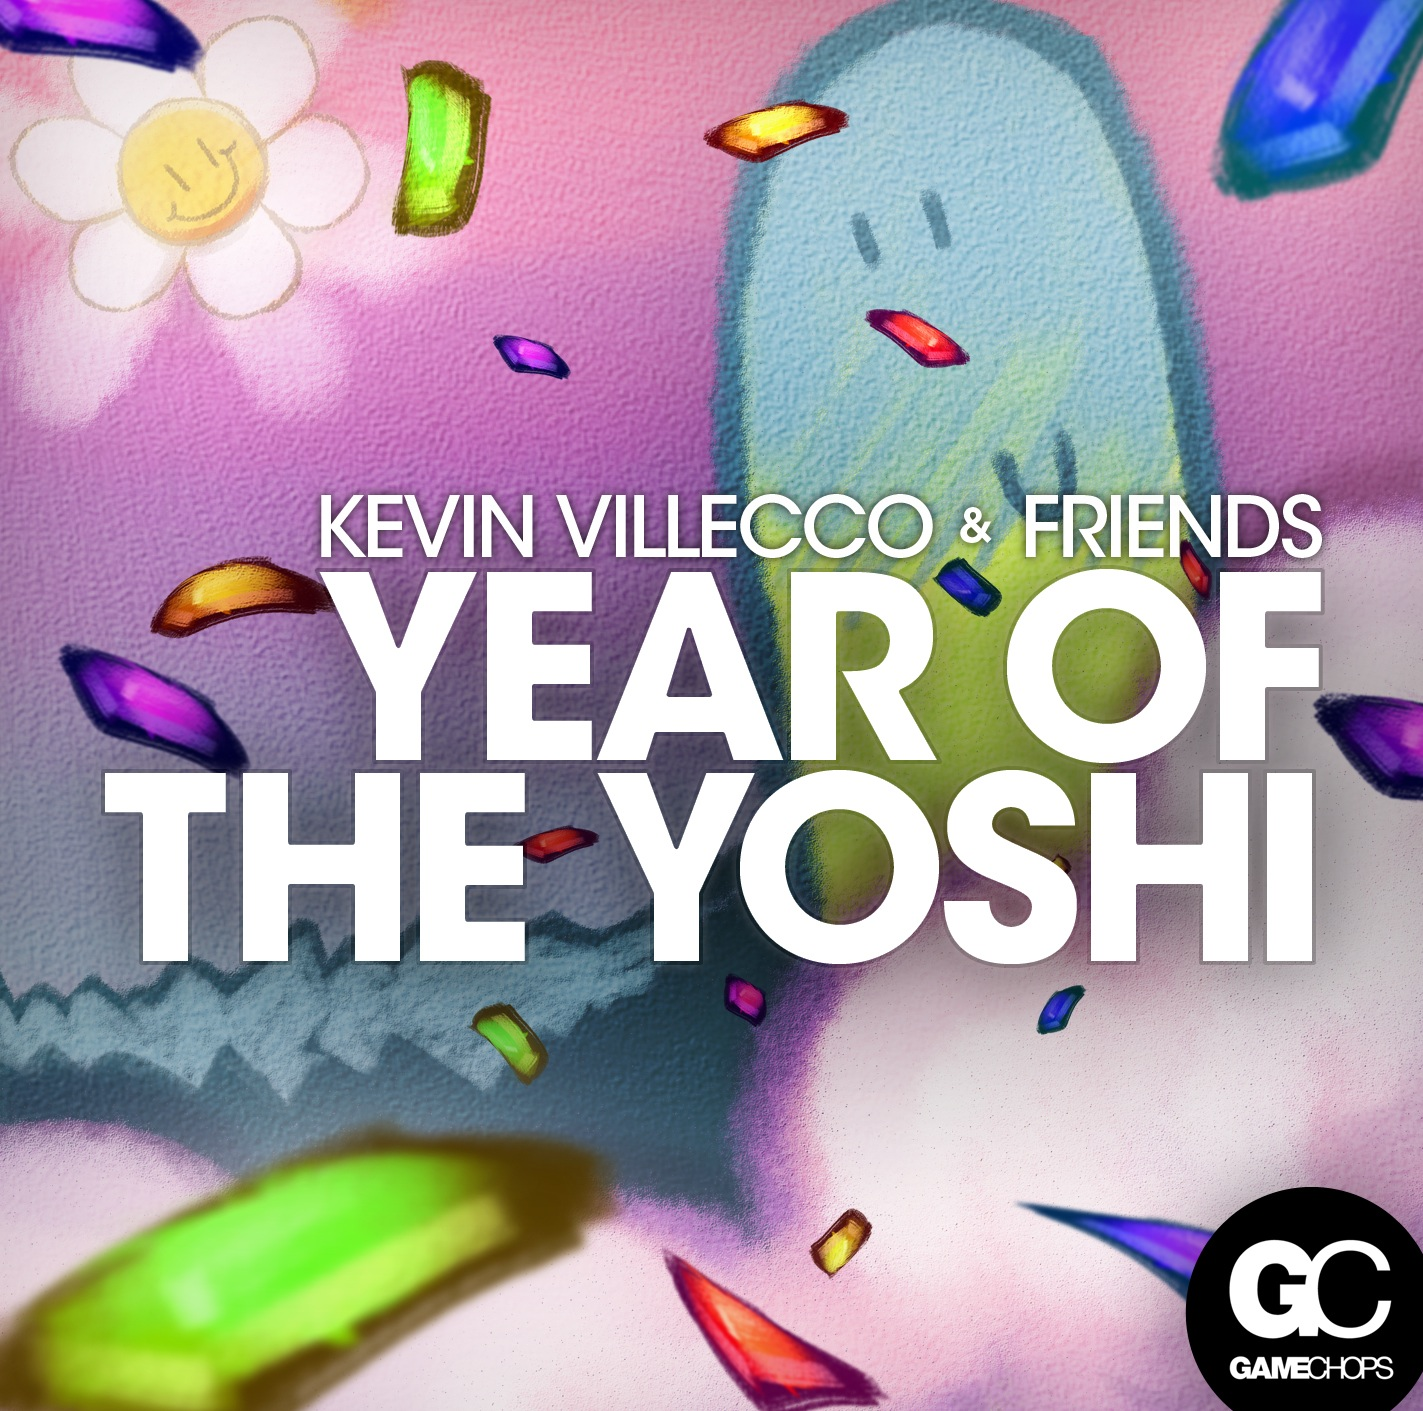 Year of the Yoshi